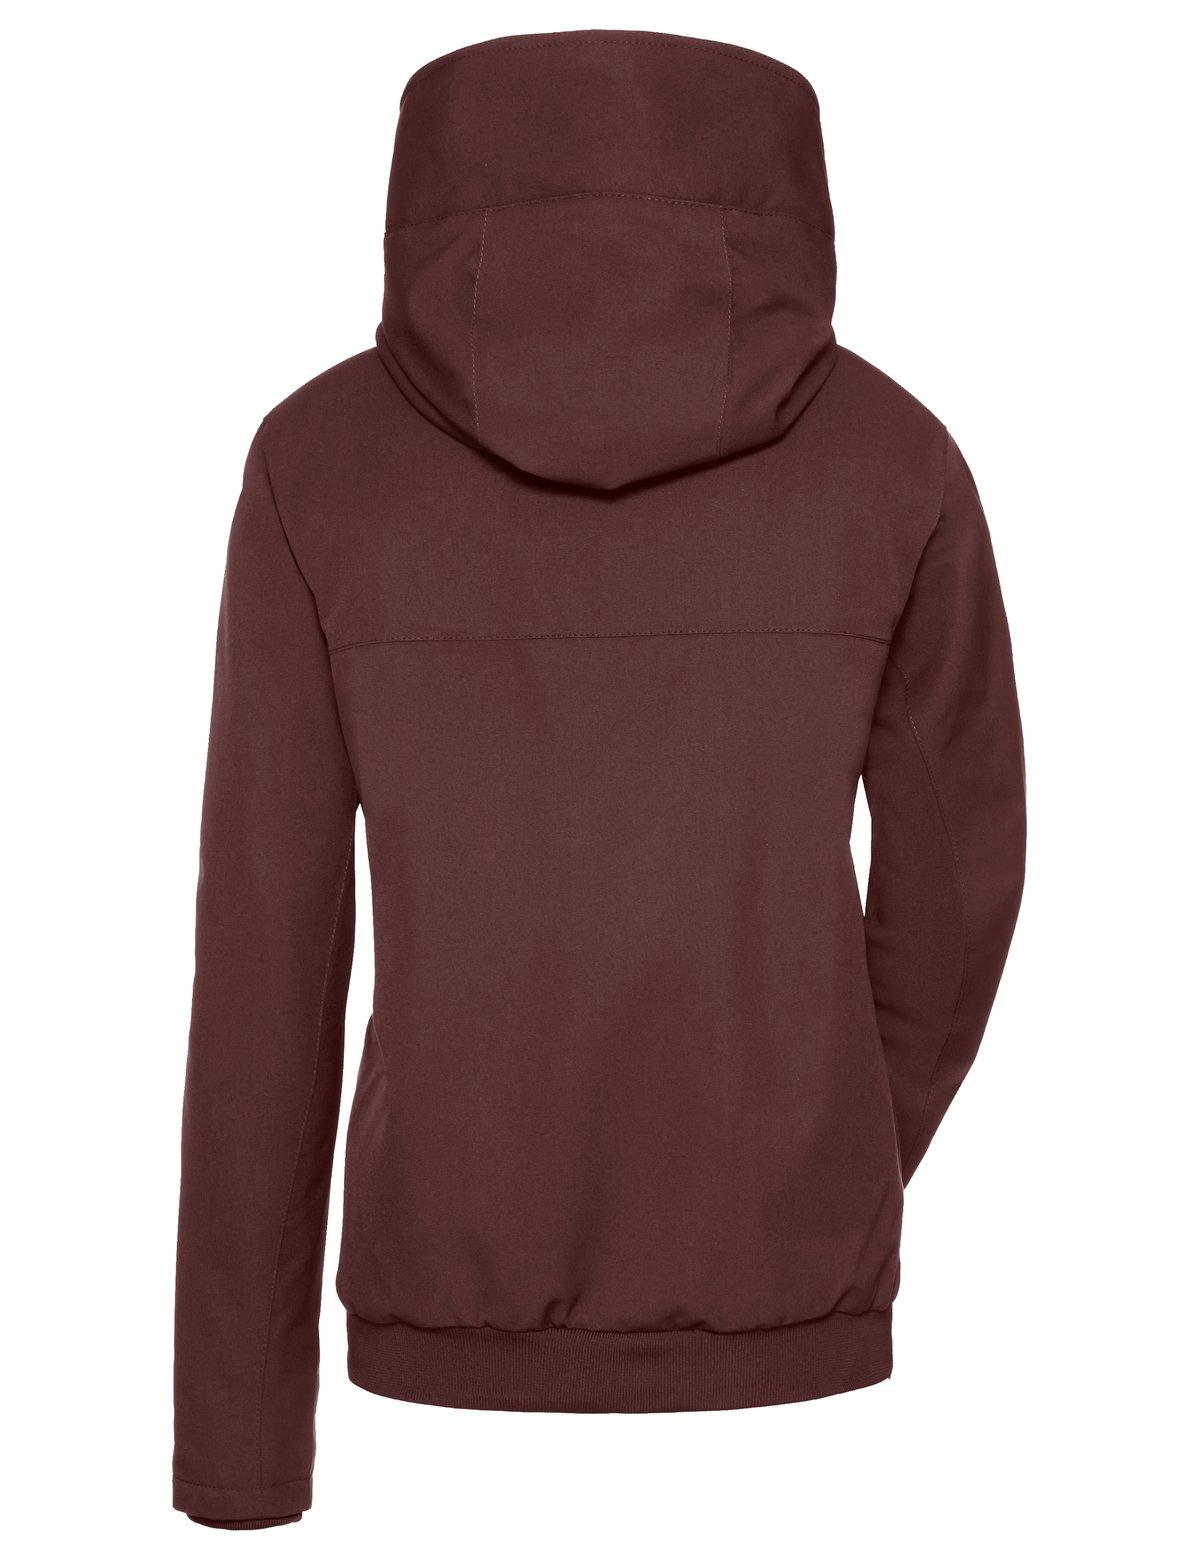 61JnZvBT6XL - VAUDE Women's Manukau Jacket